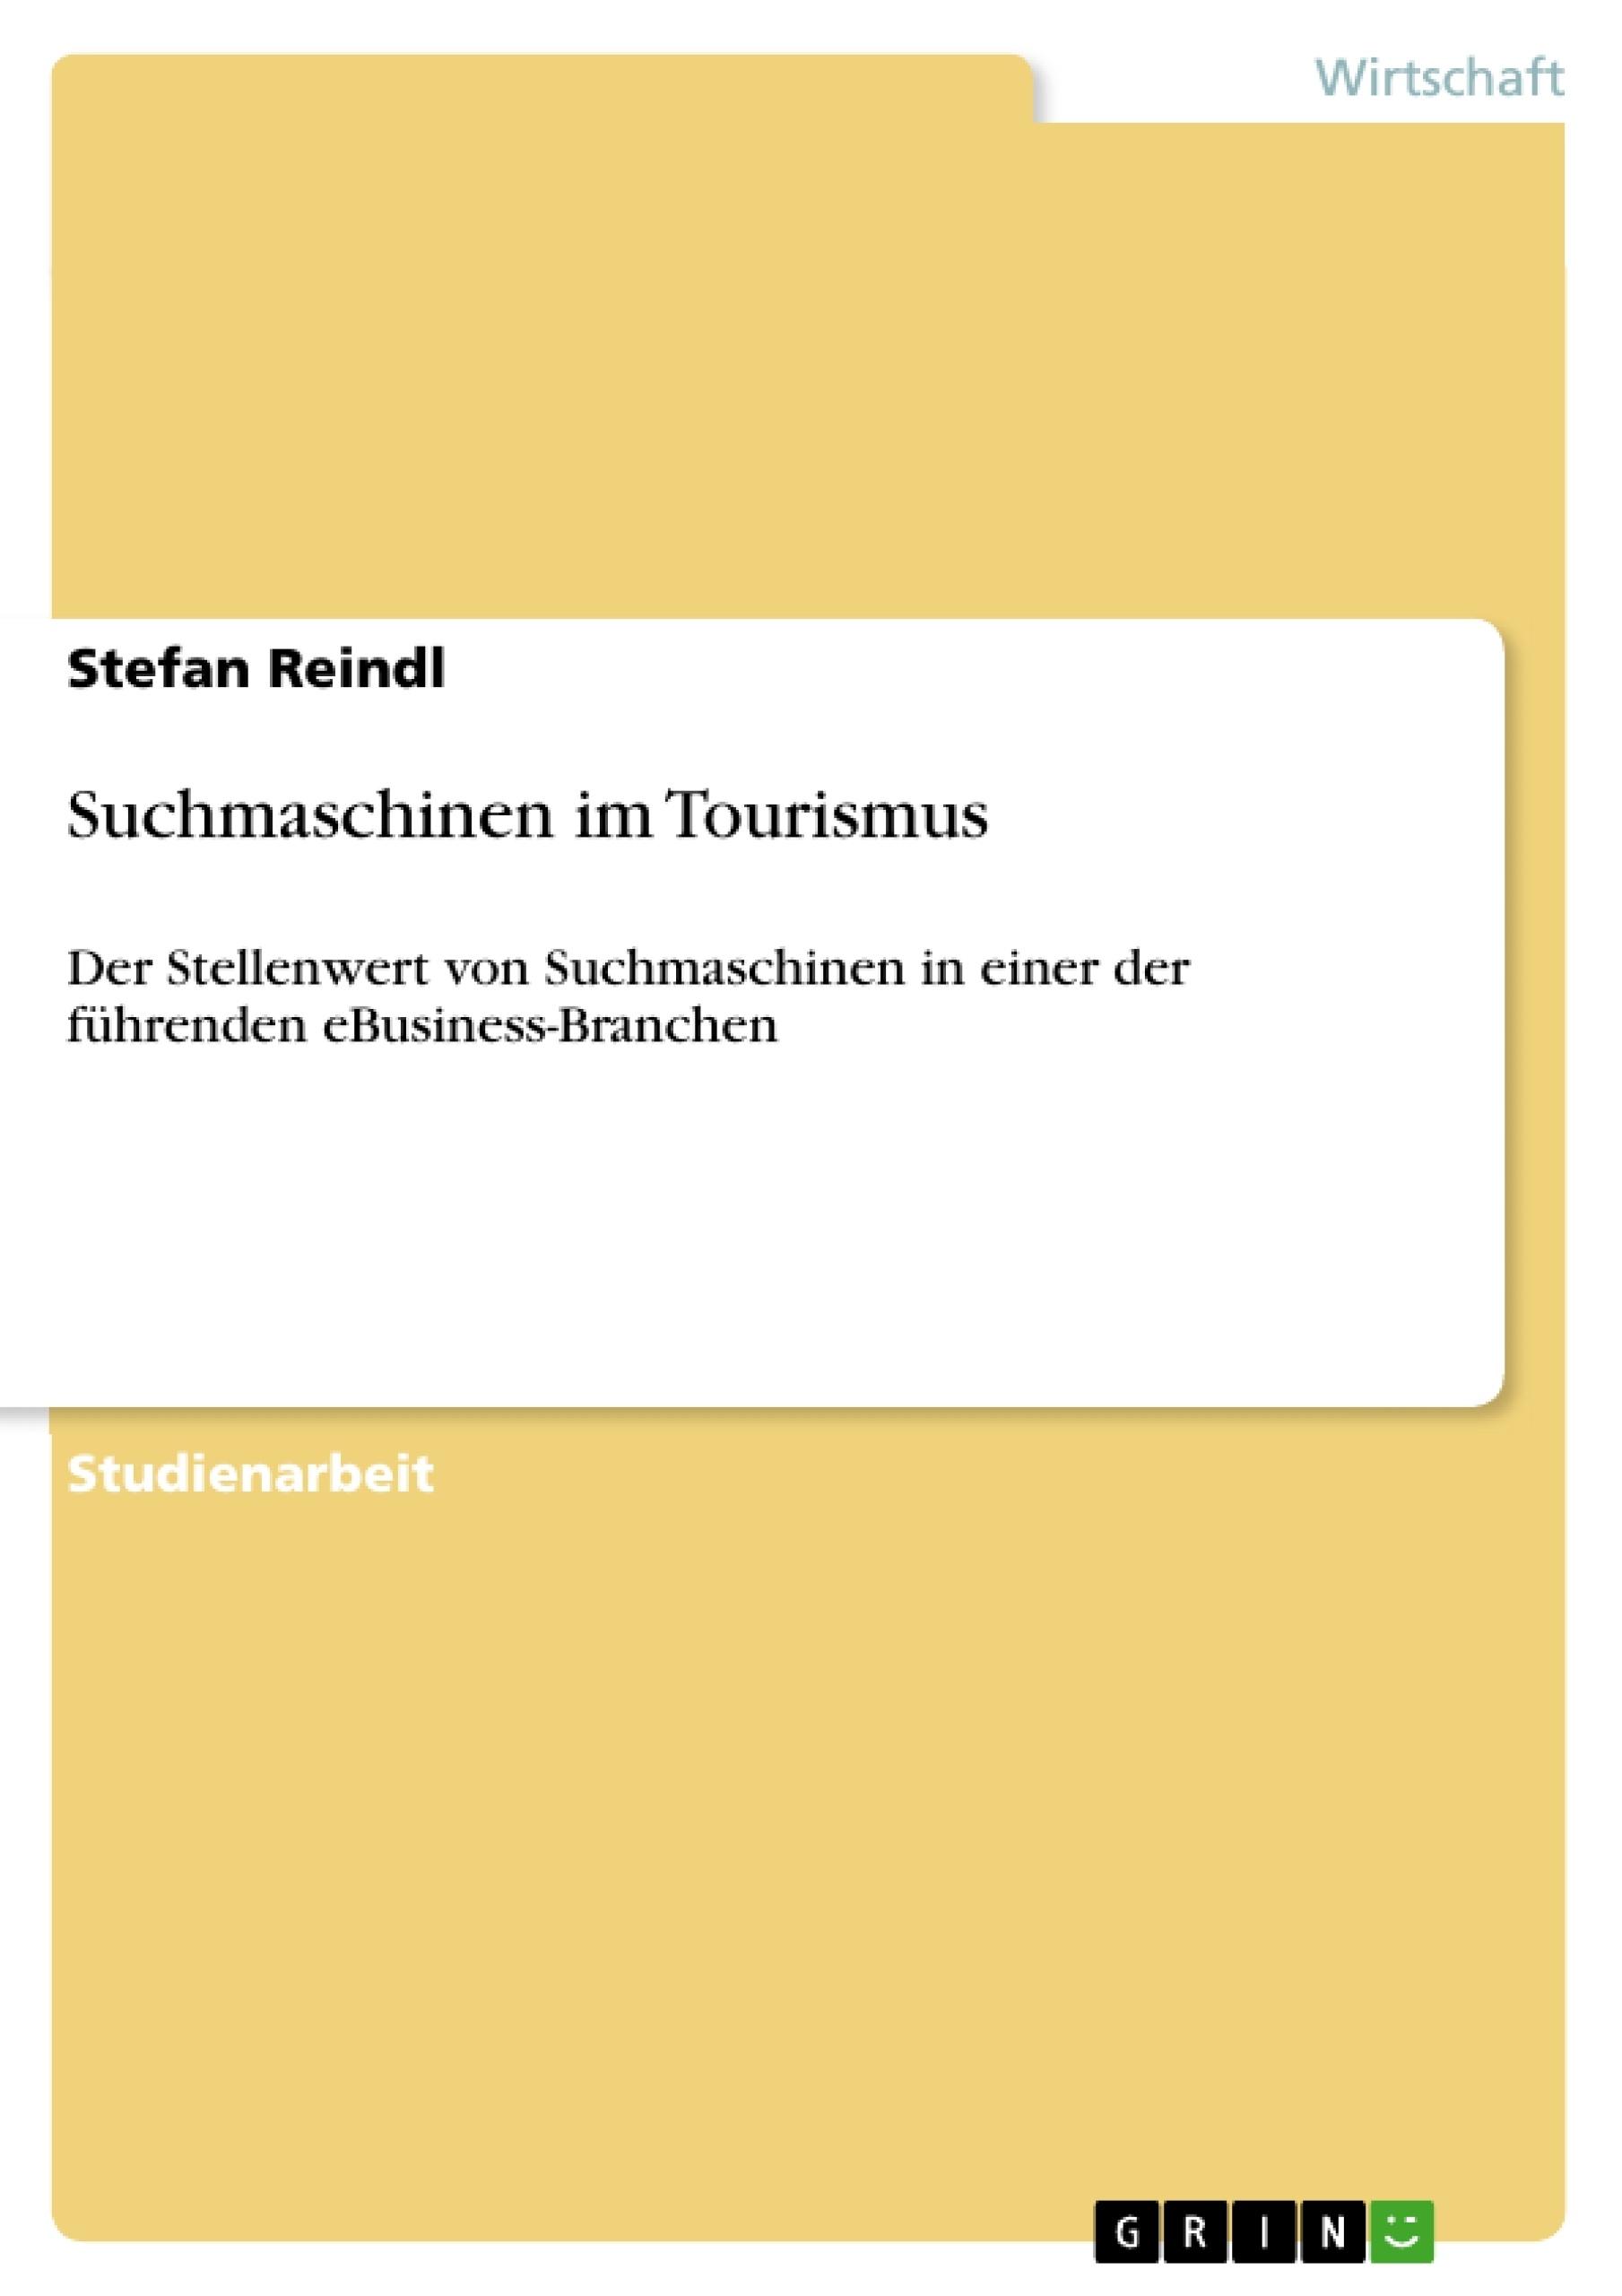 Titel: Suchmaschinen im Tourismus